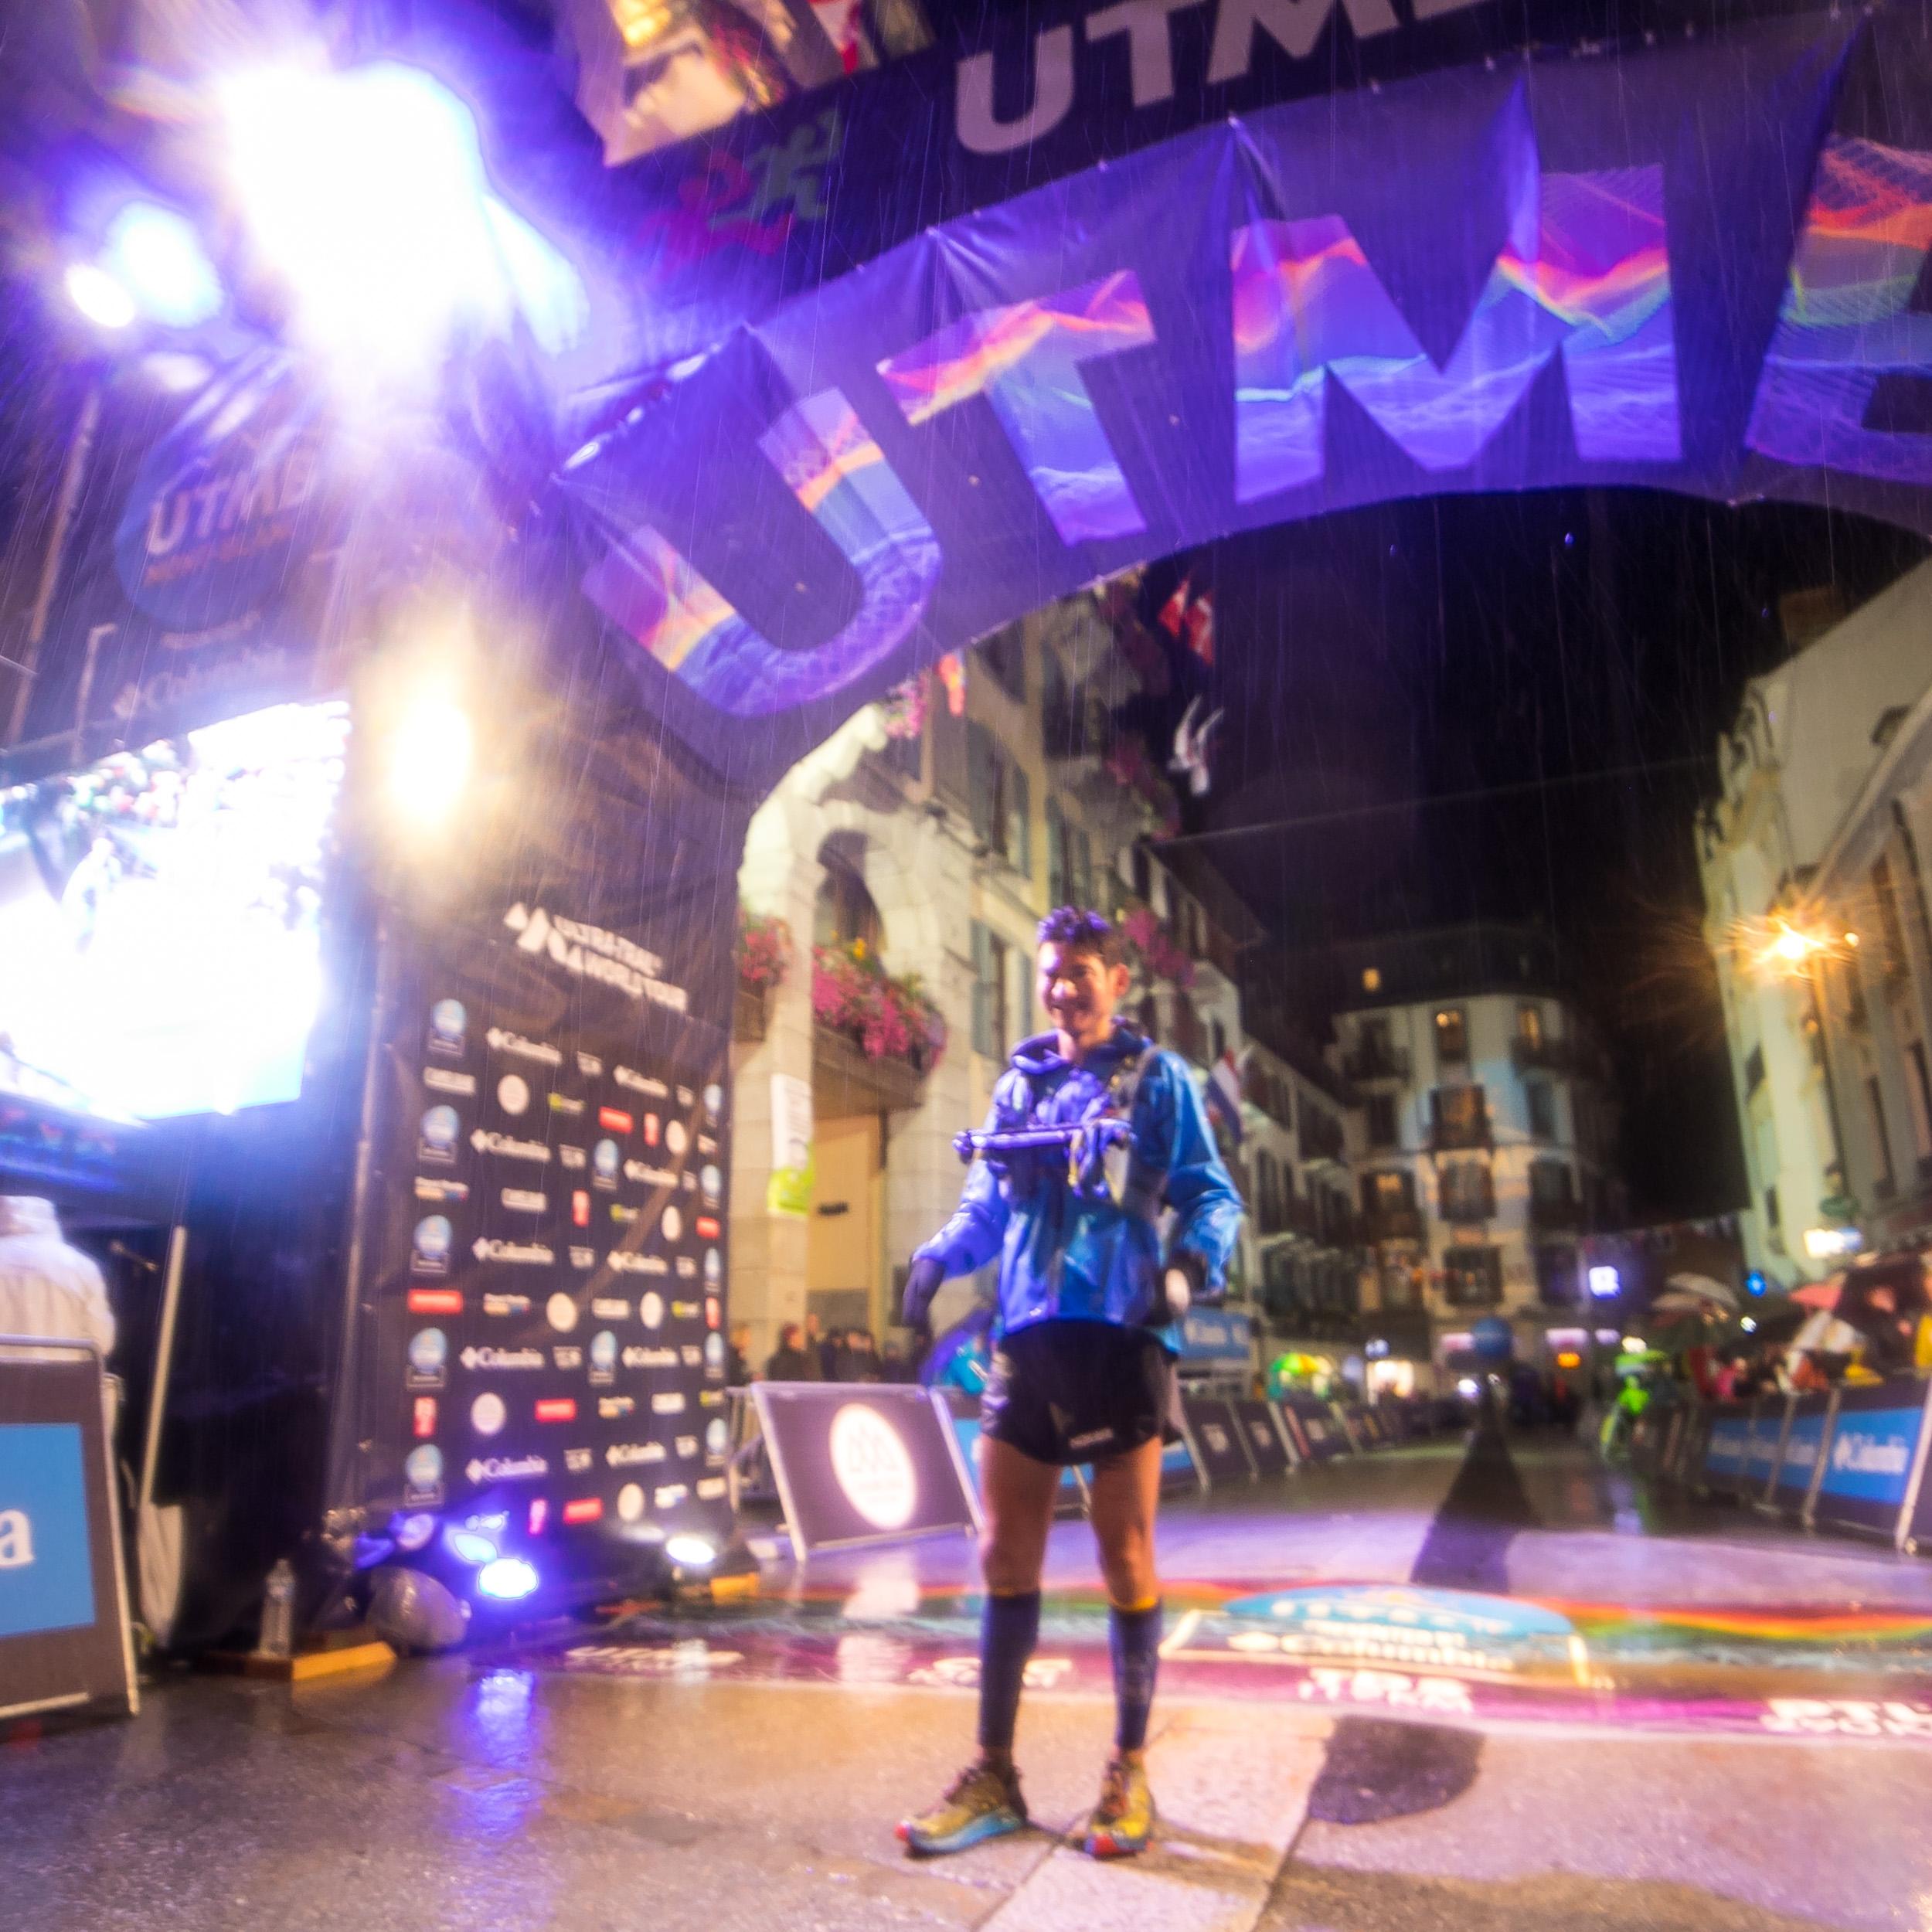 UTMB Sage Canaday Finish.jpg